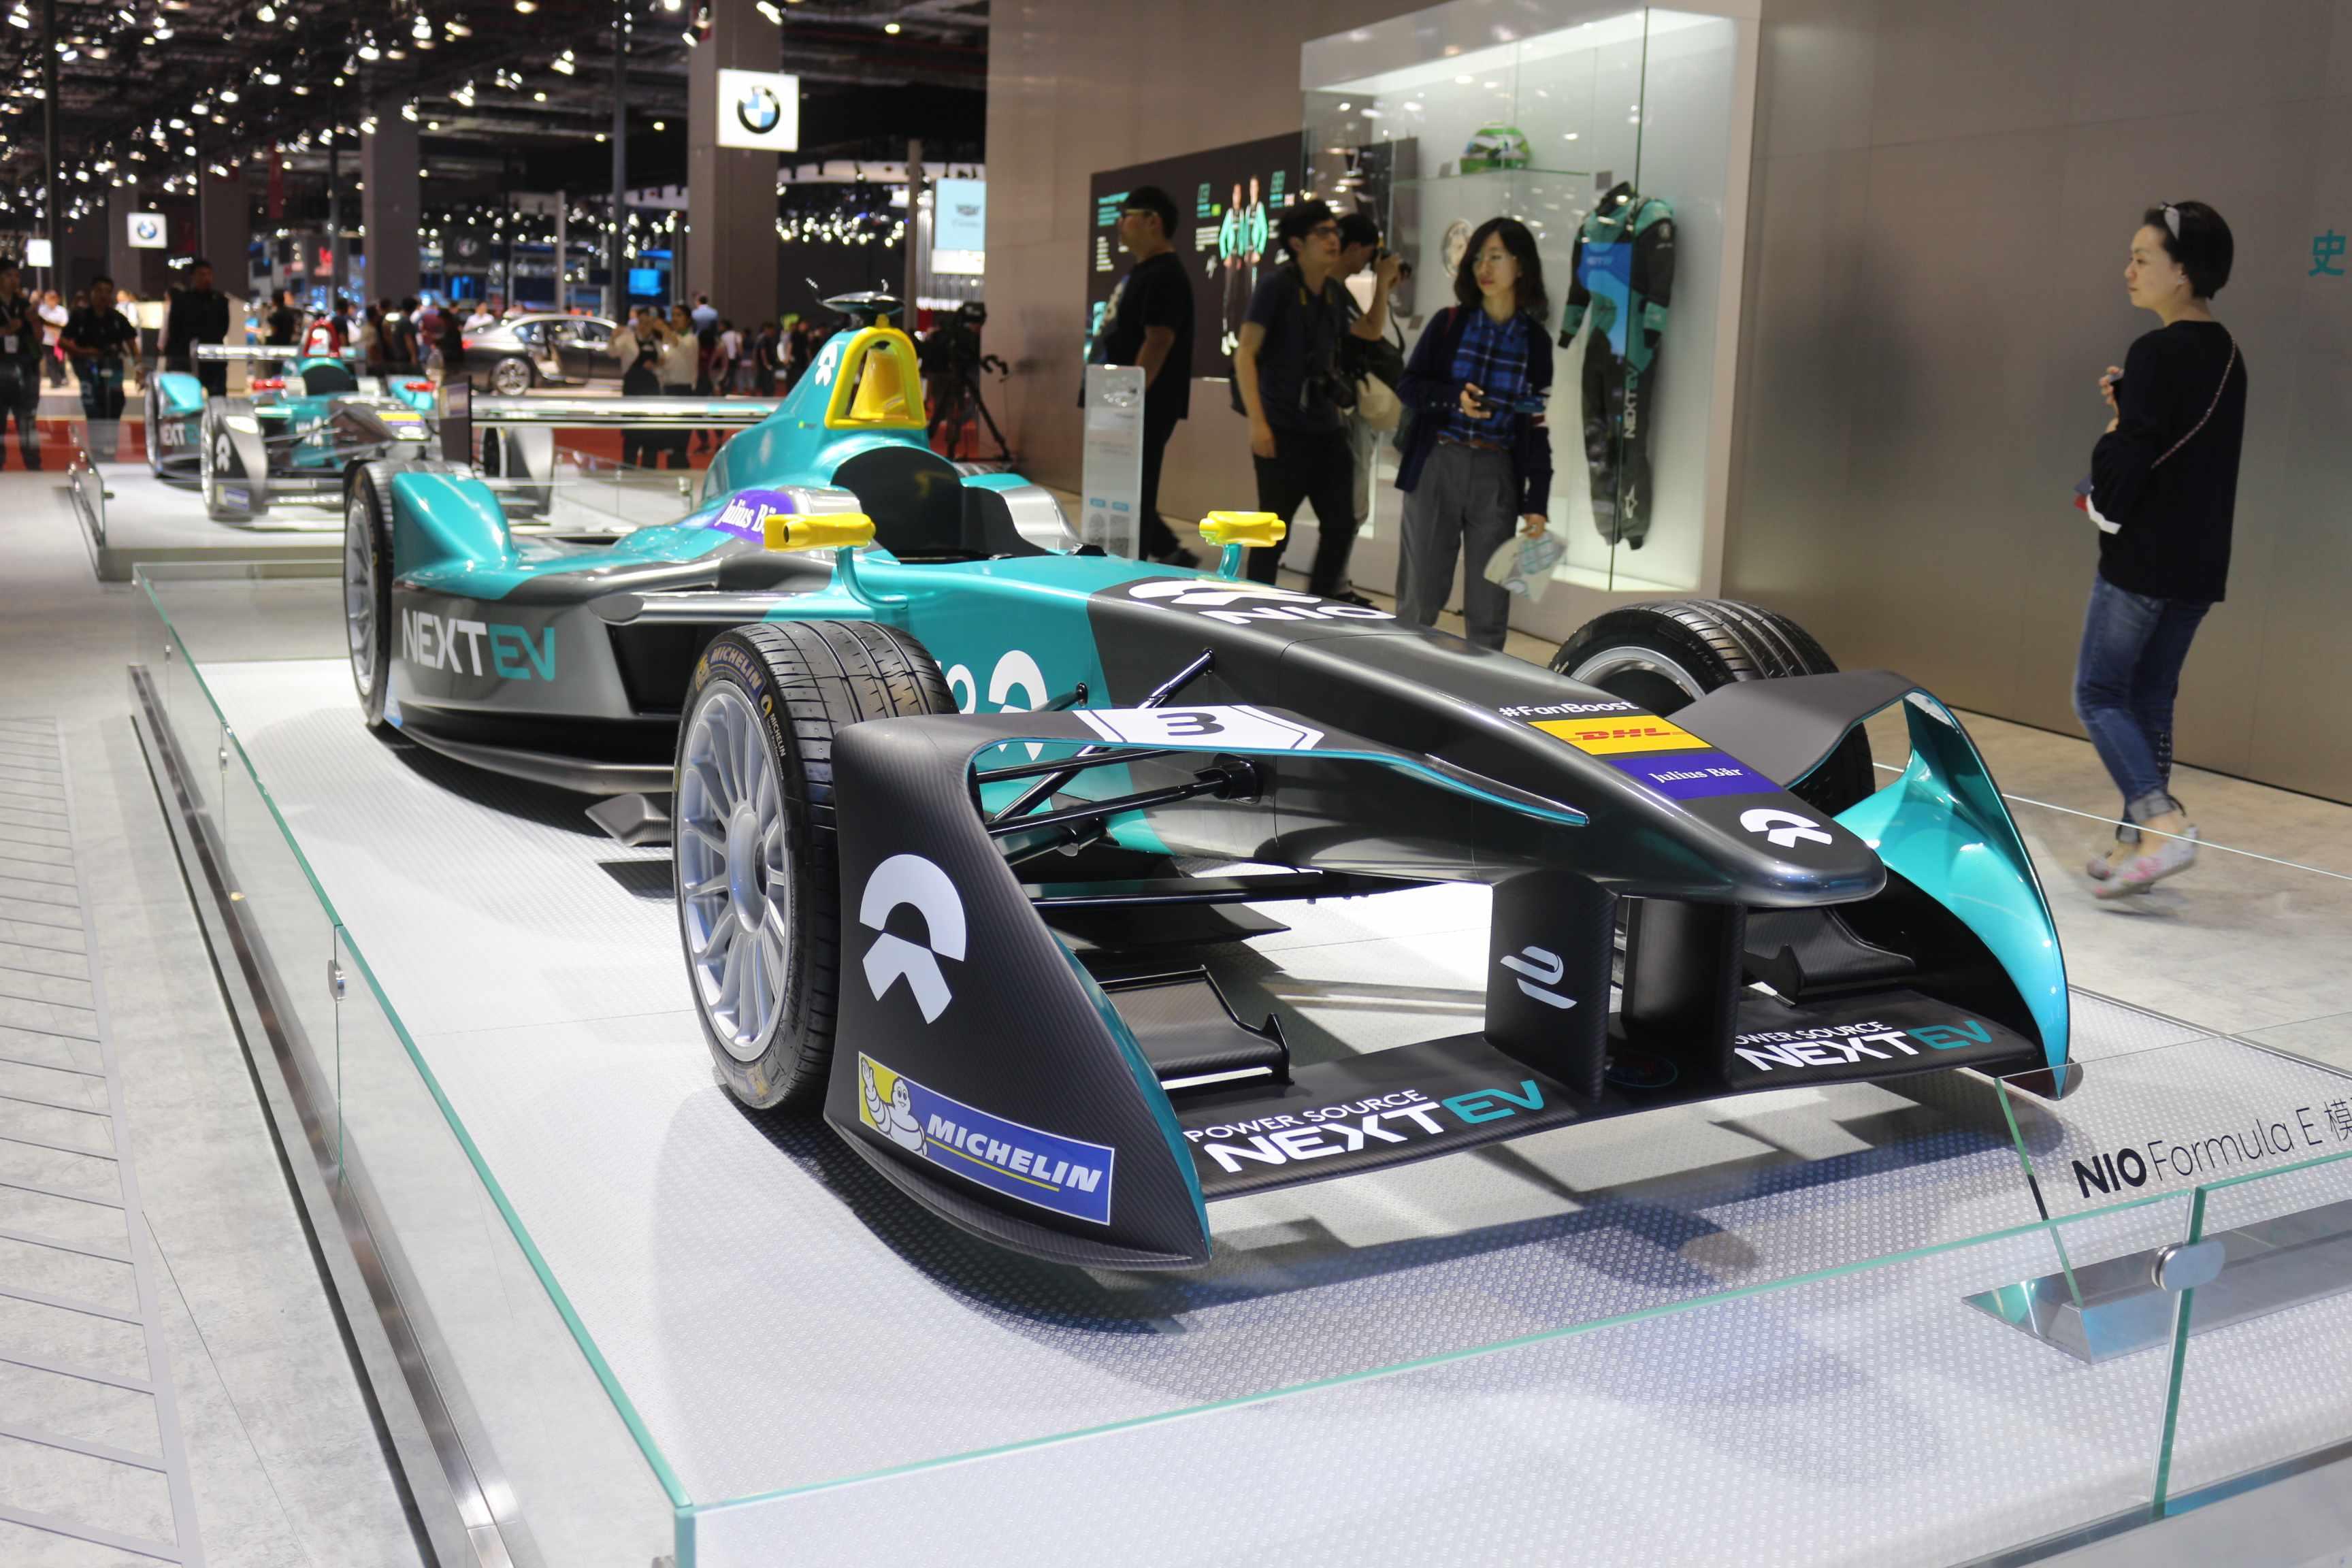 蔚来电动方程式赛车展示图片